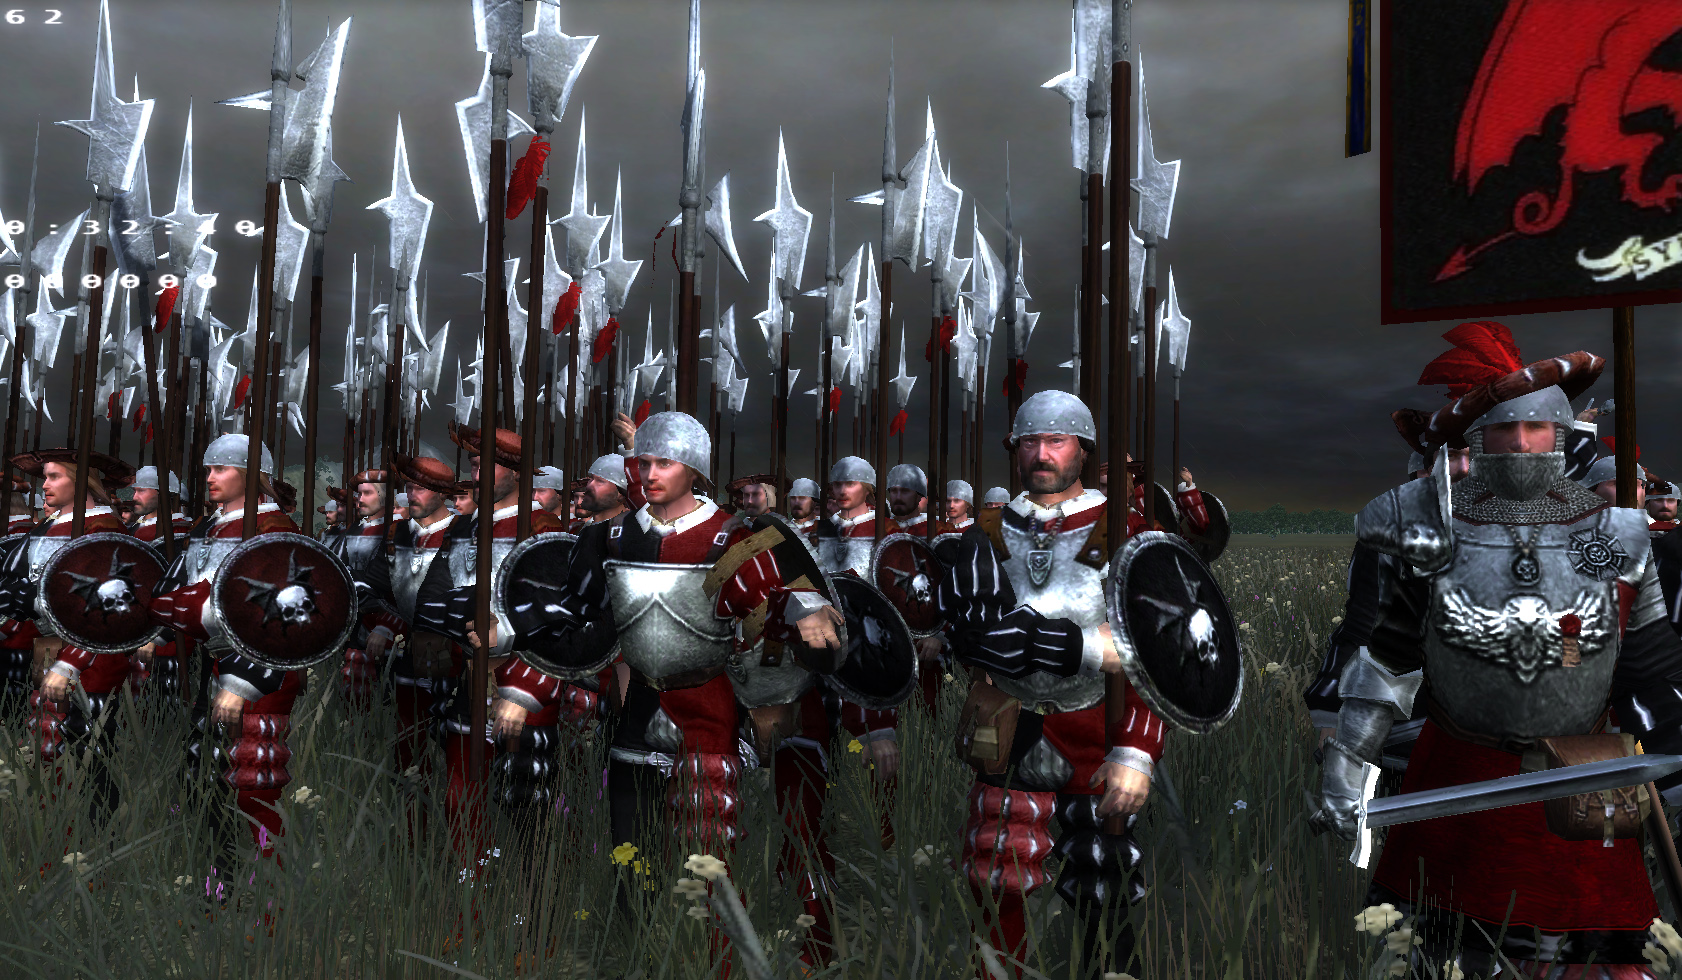 49+] Warhammer Total War Wallpaper on WallpaperSafari